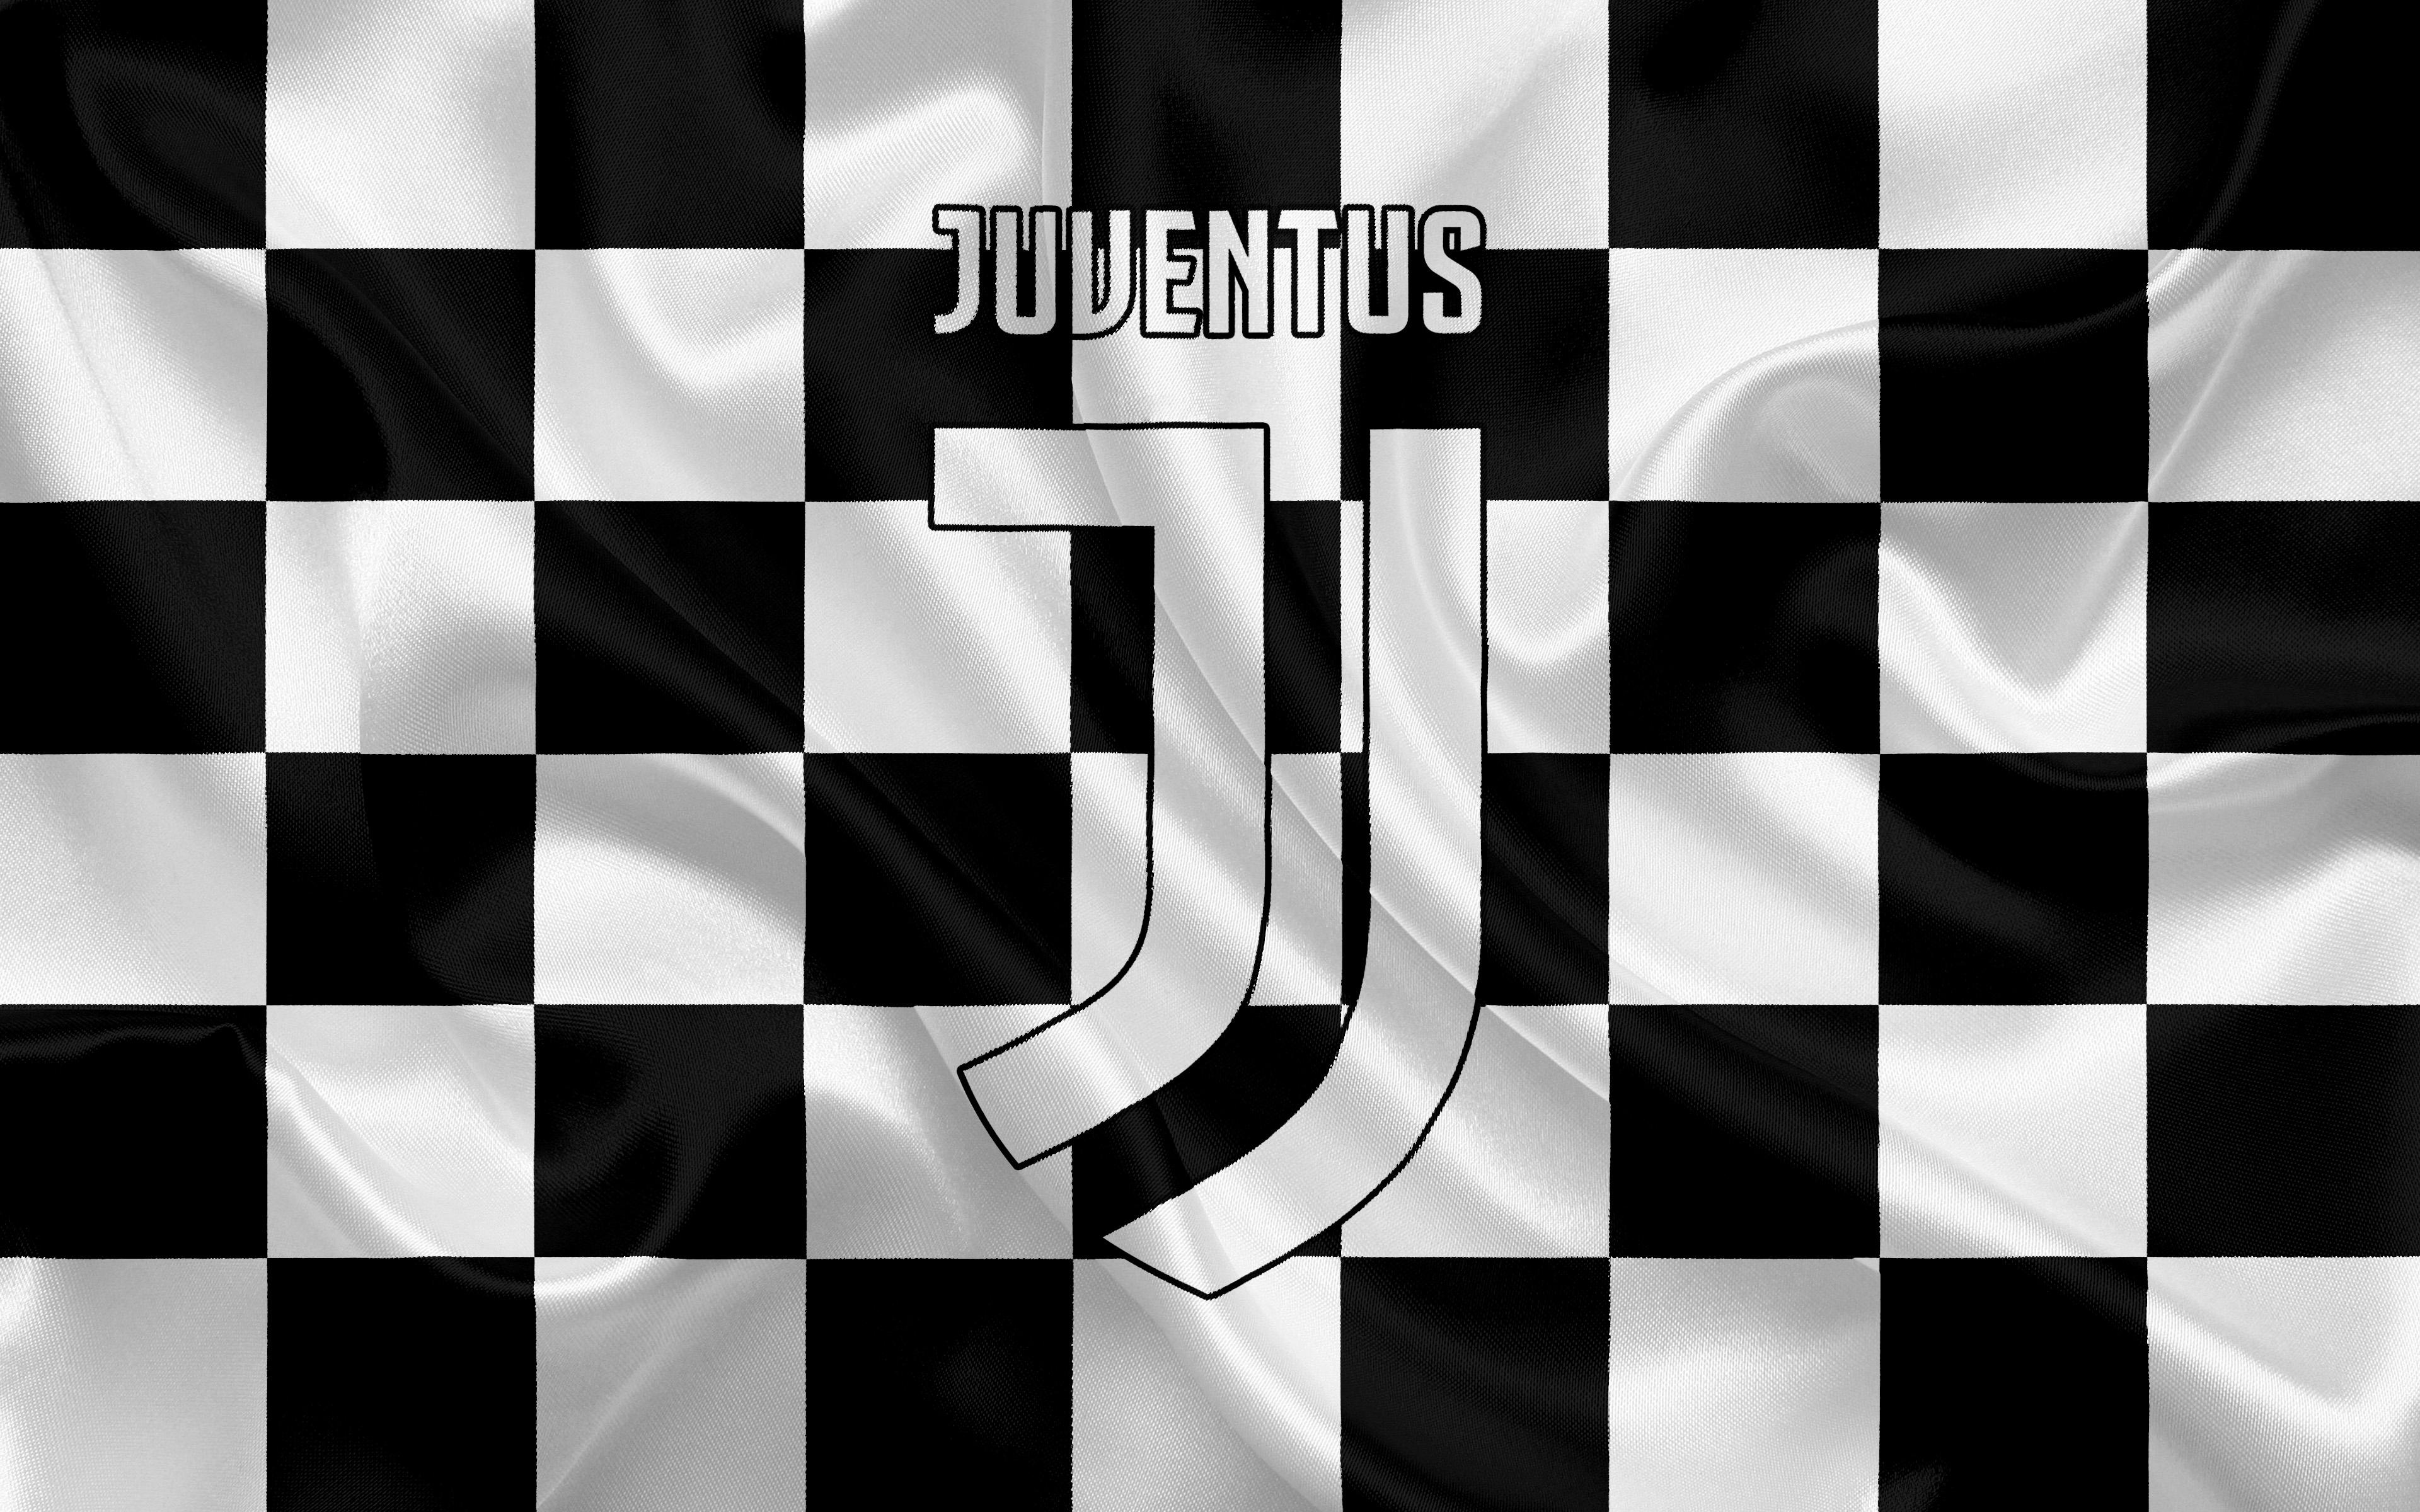 Juventus Logo 4k Ultra Hd Wallpaper Background Image 3840x2400